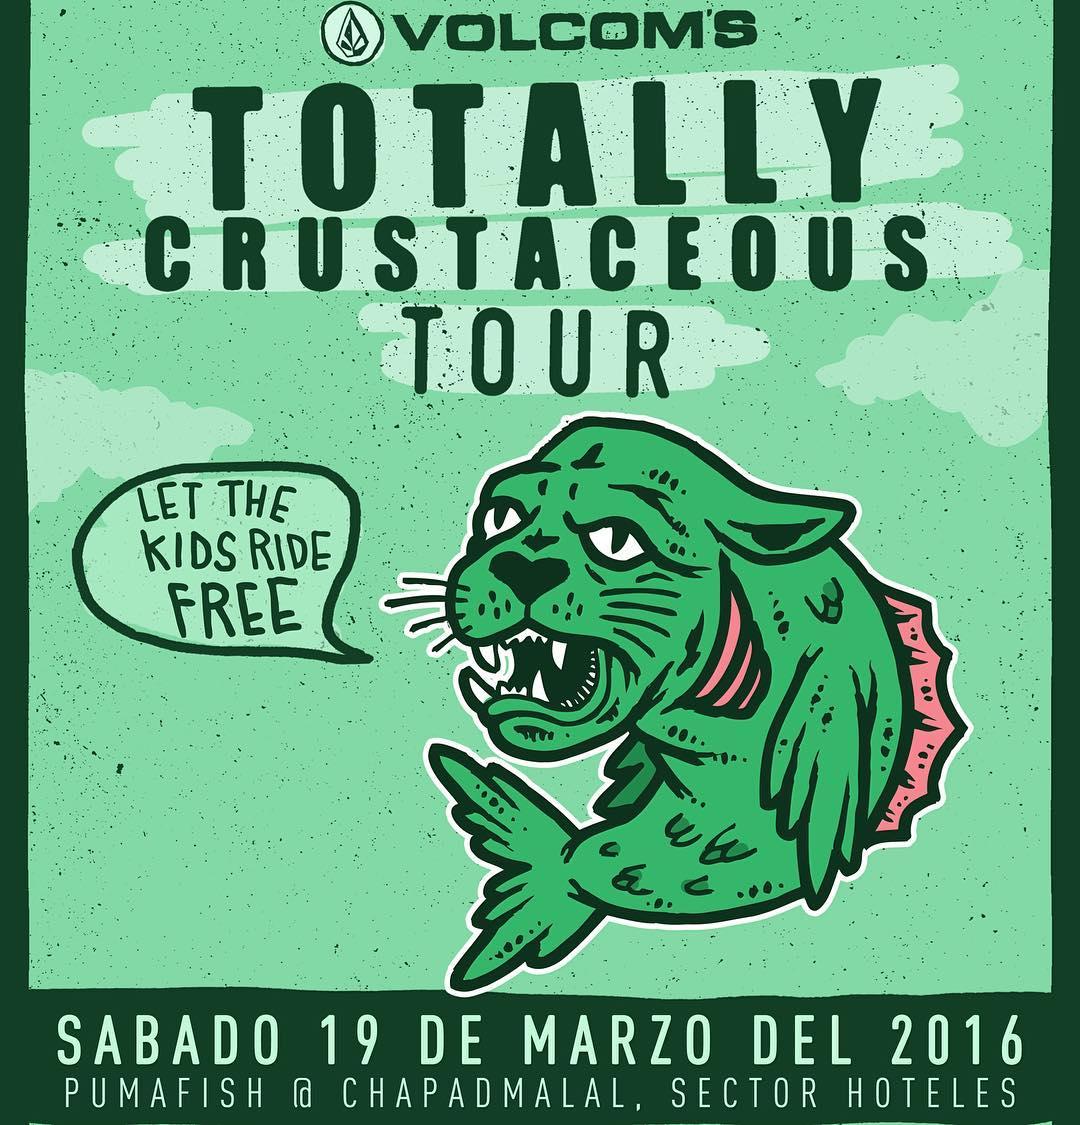 Cuenta regresiva para que comience la fecha #TCT en Argentina. Sabado 19 de Marzo estas invitado a participar! Las inscripciones son gratuitas el mismo día (19/03) a las 7 AM en Pumafish @ Chapadmalal. El ganador de la categoría ProAm ( 20 años &...